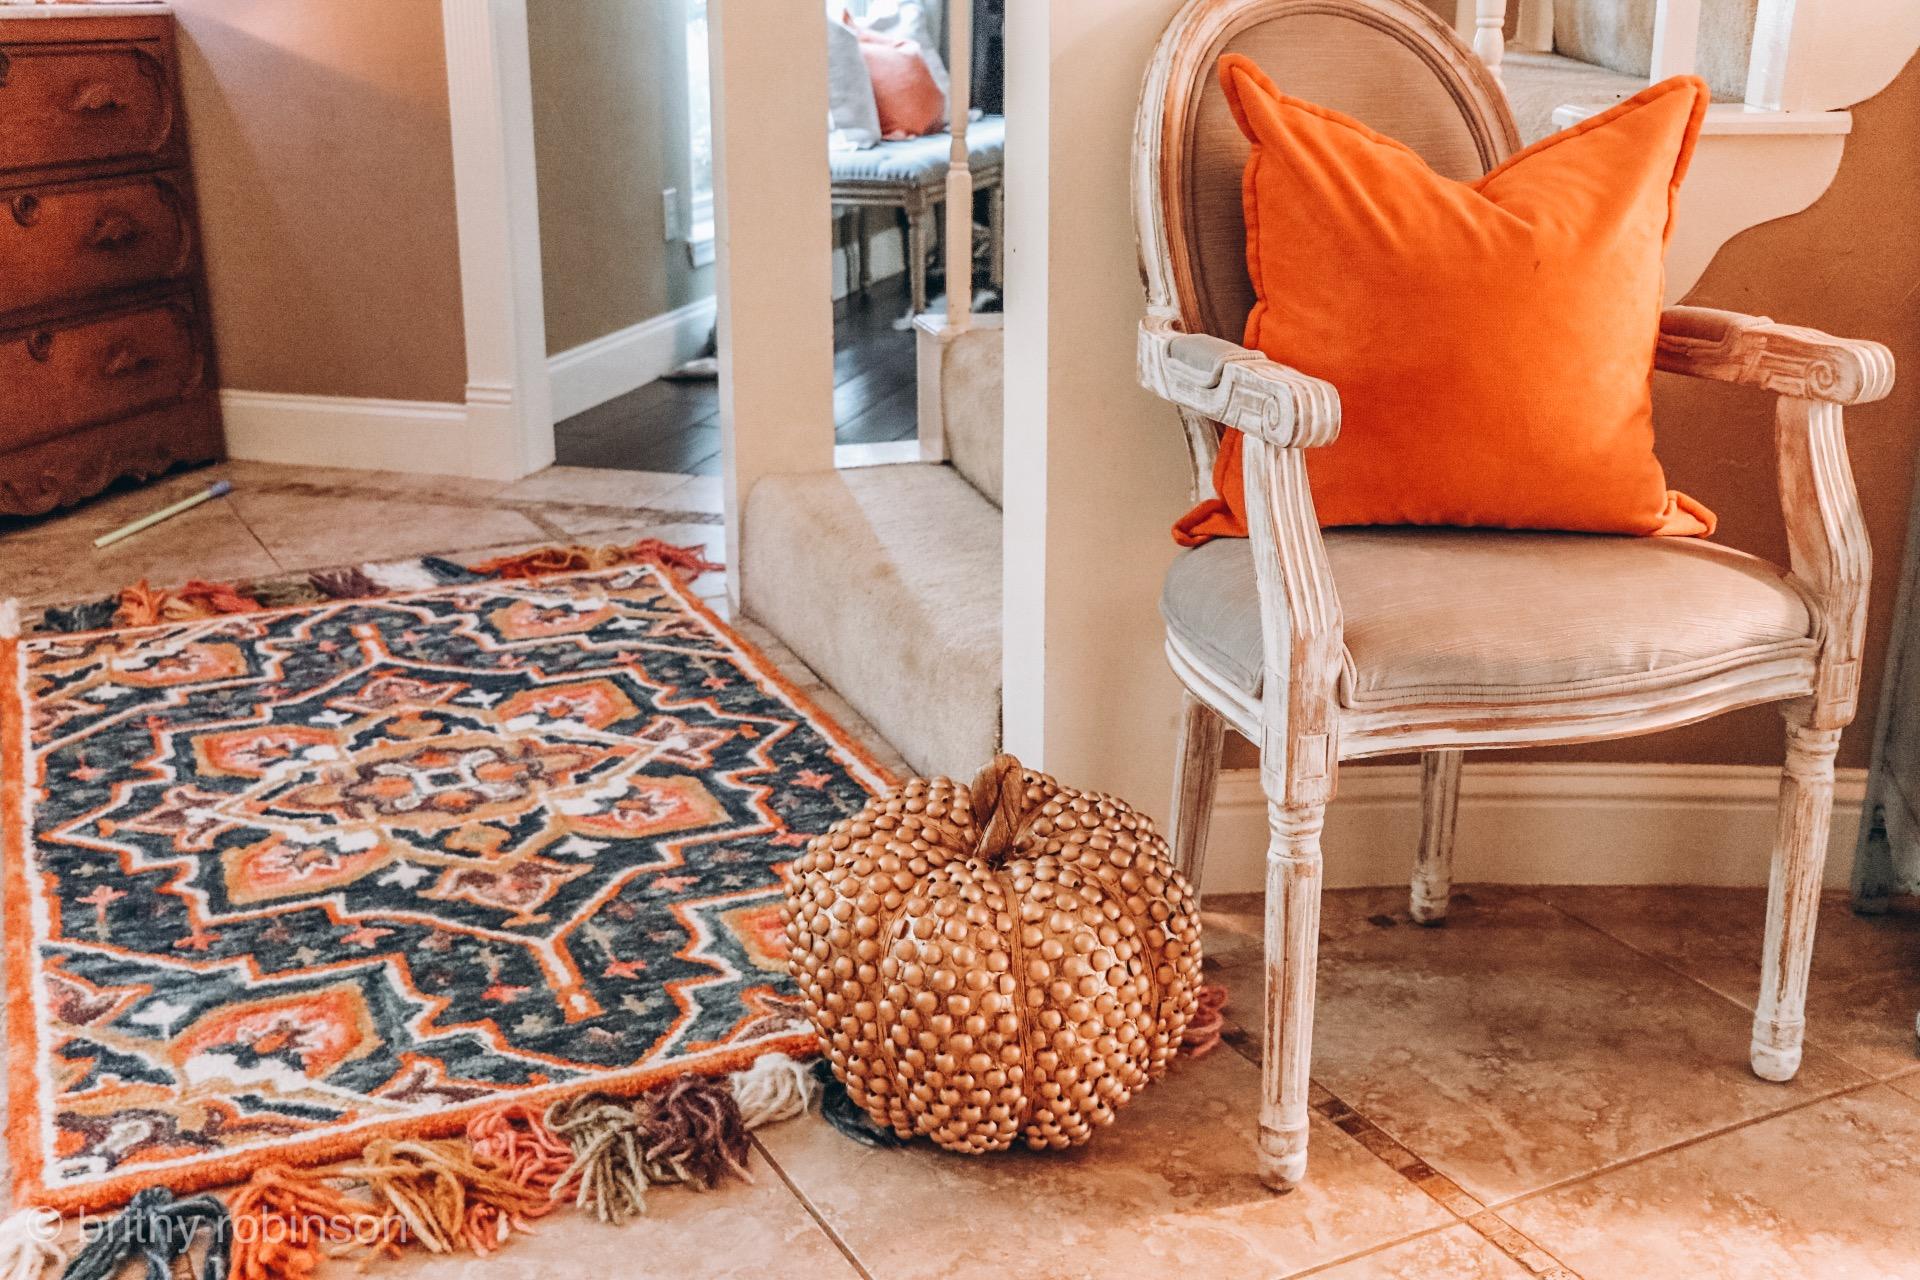 Loloi Rugs and Fall Home Decor